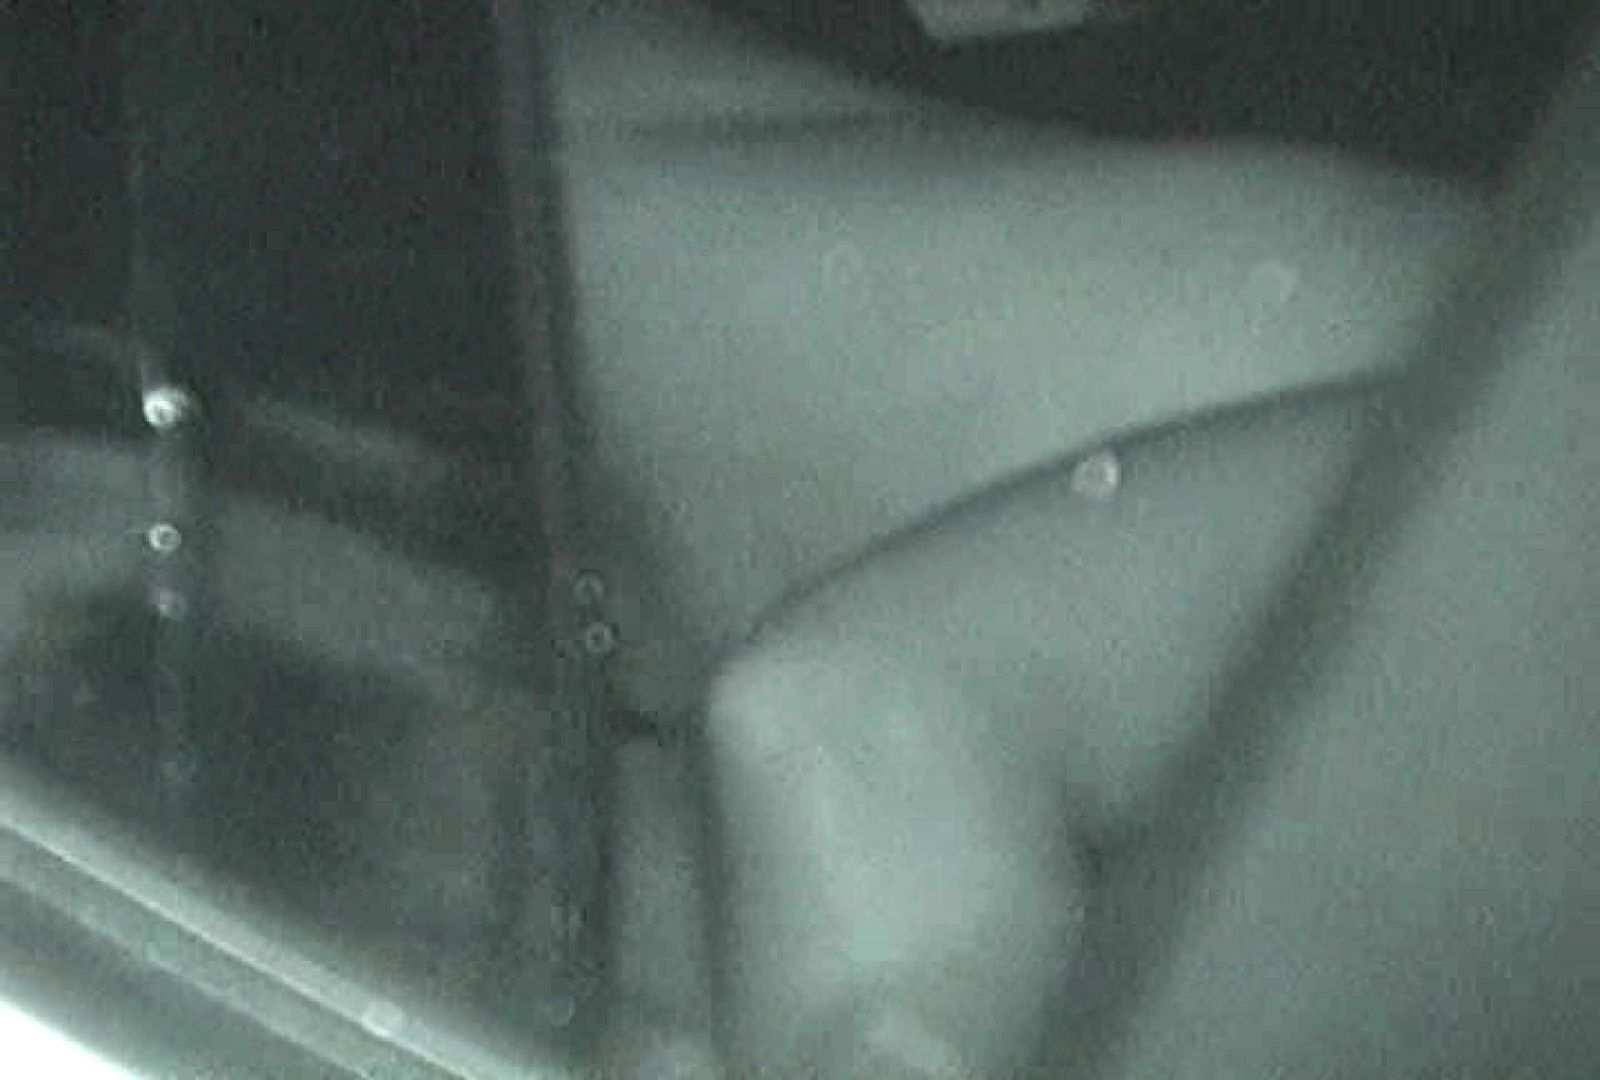 充血監督の深夜の運動会Vol.93 OLの実態 のぞき濡れ場動画紹介 79pic 26